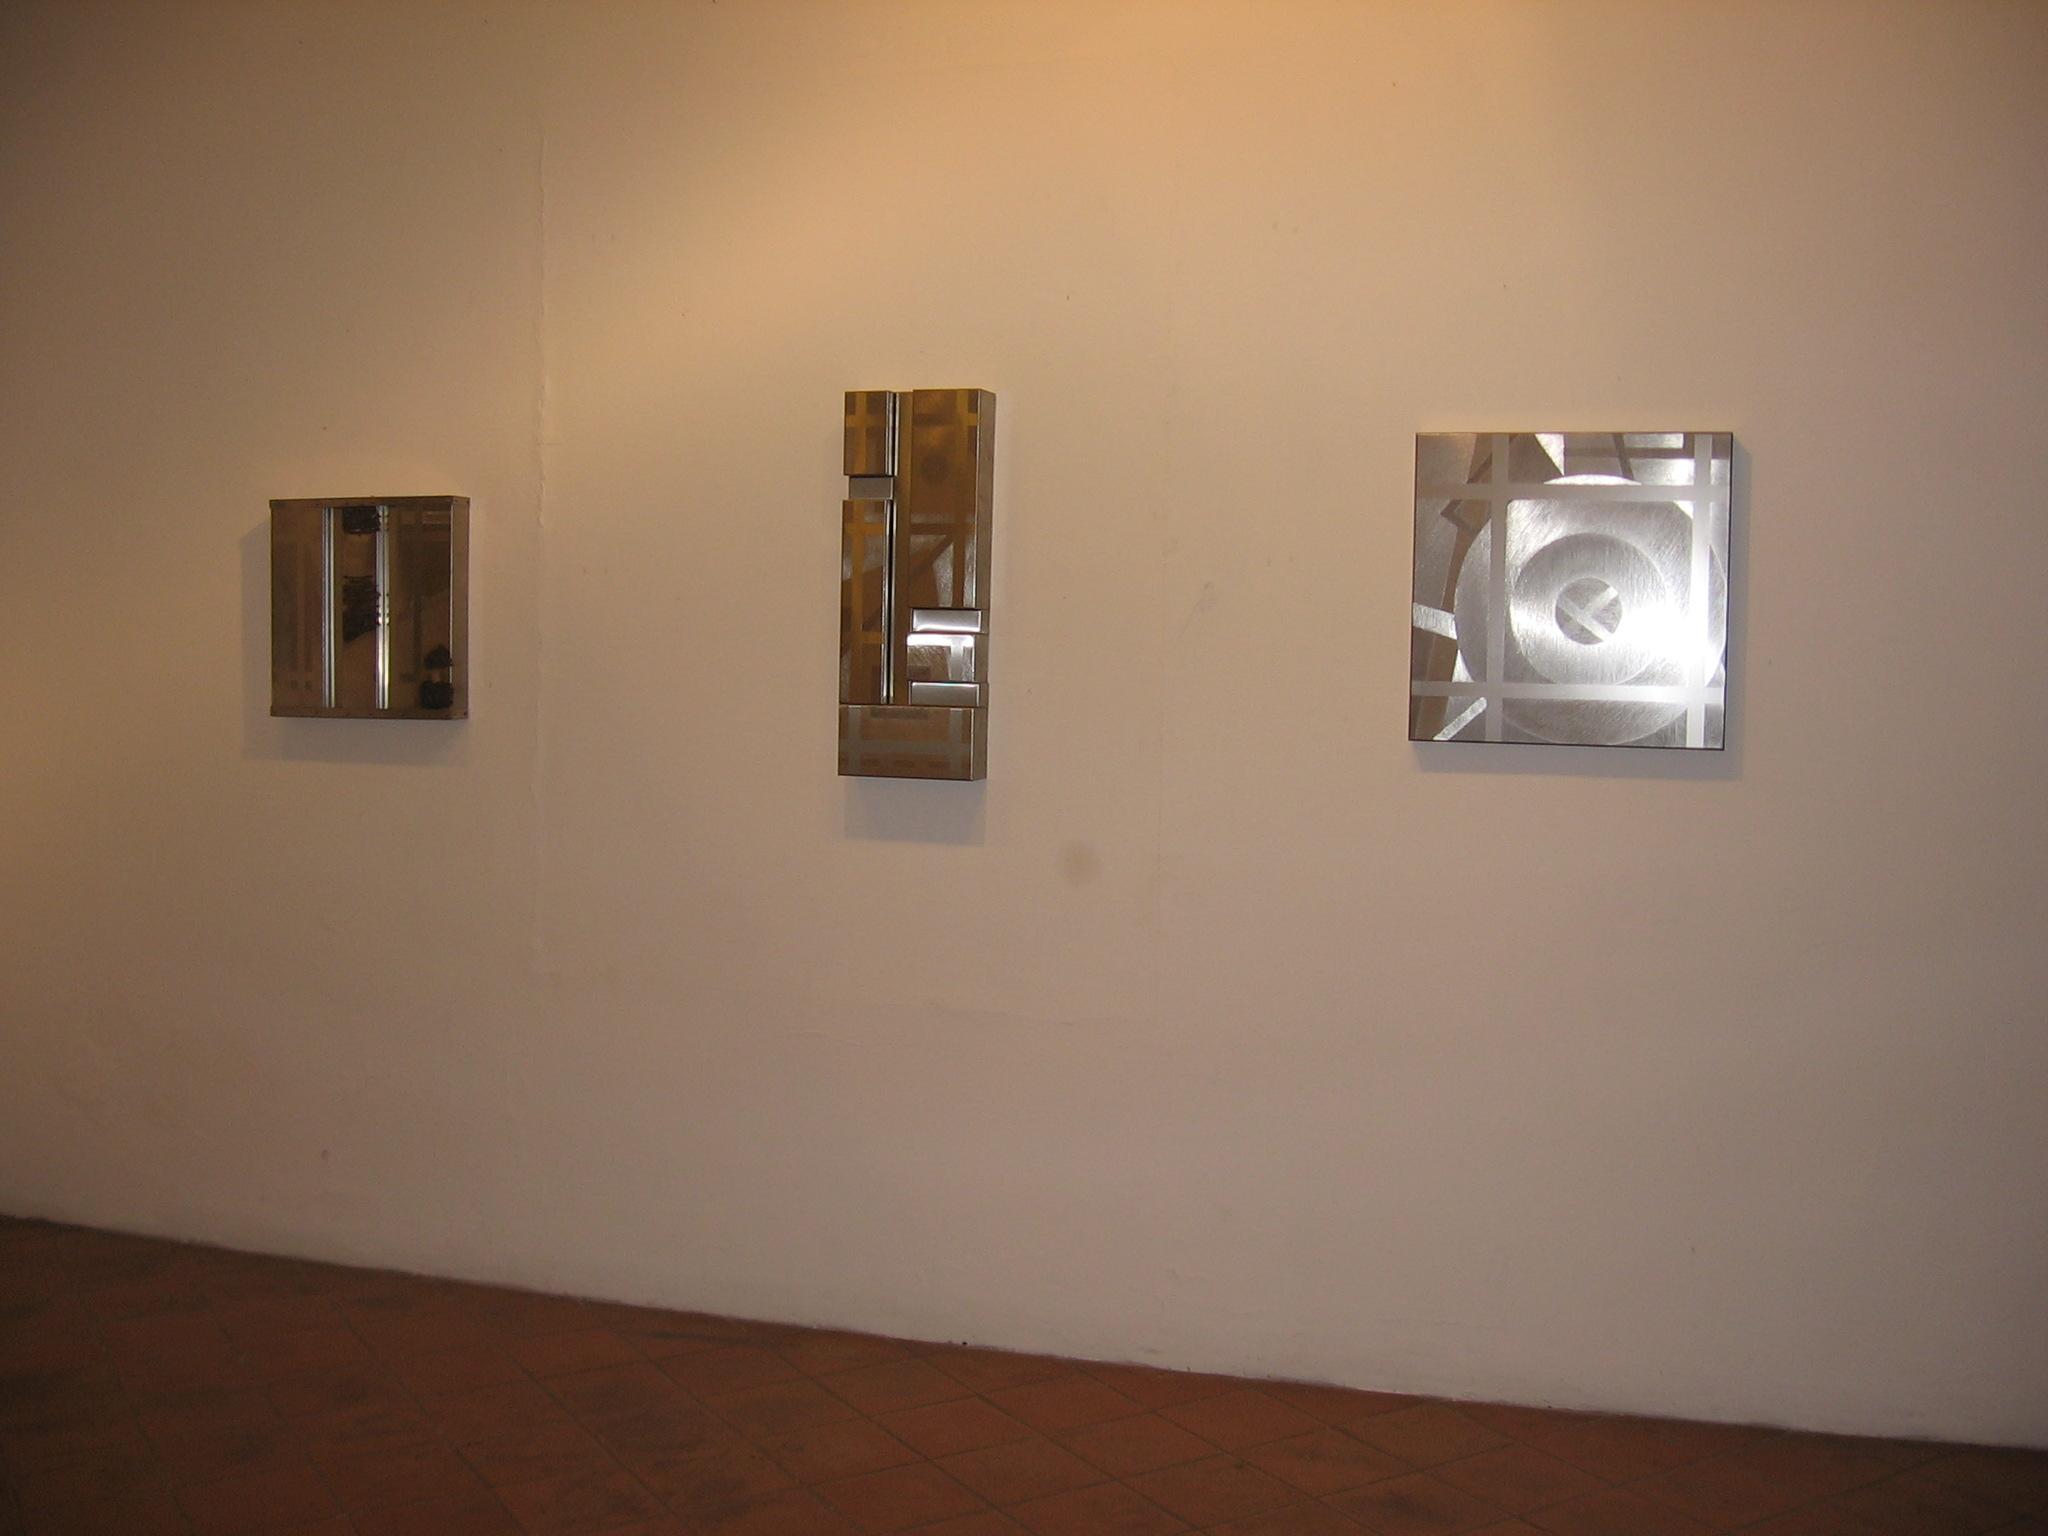 2007 Studio Ghiglione Genova